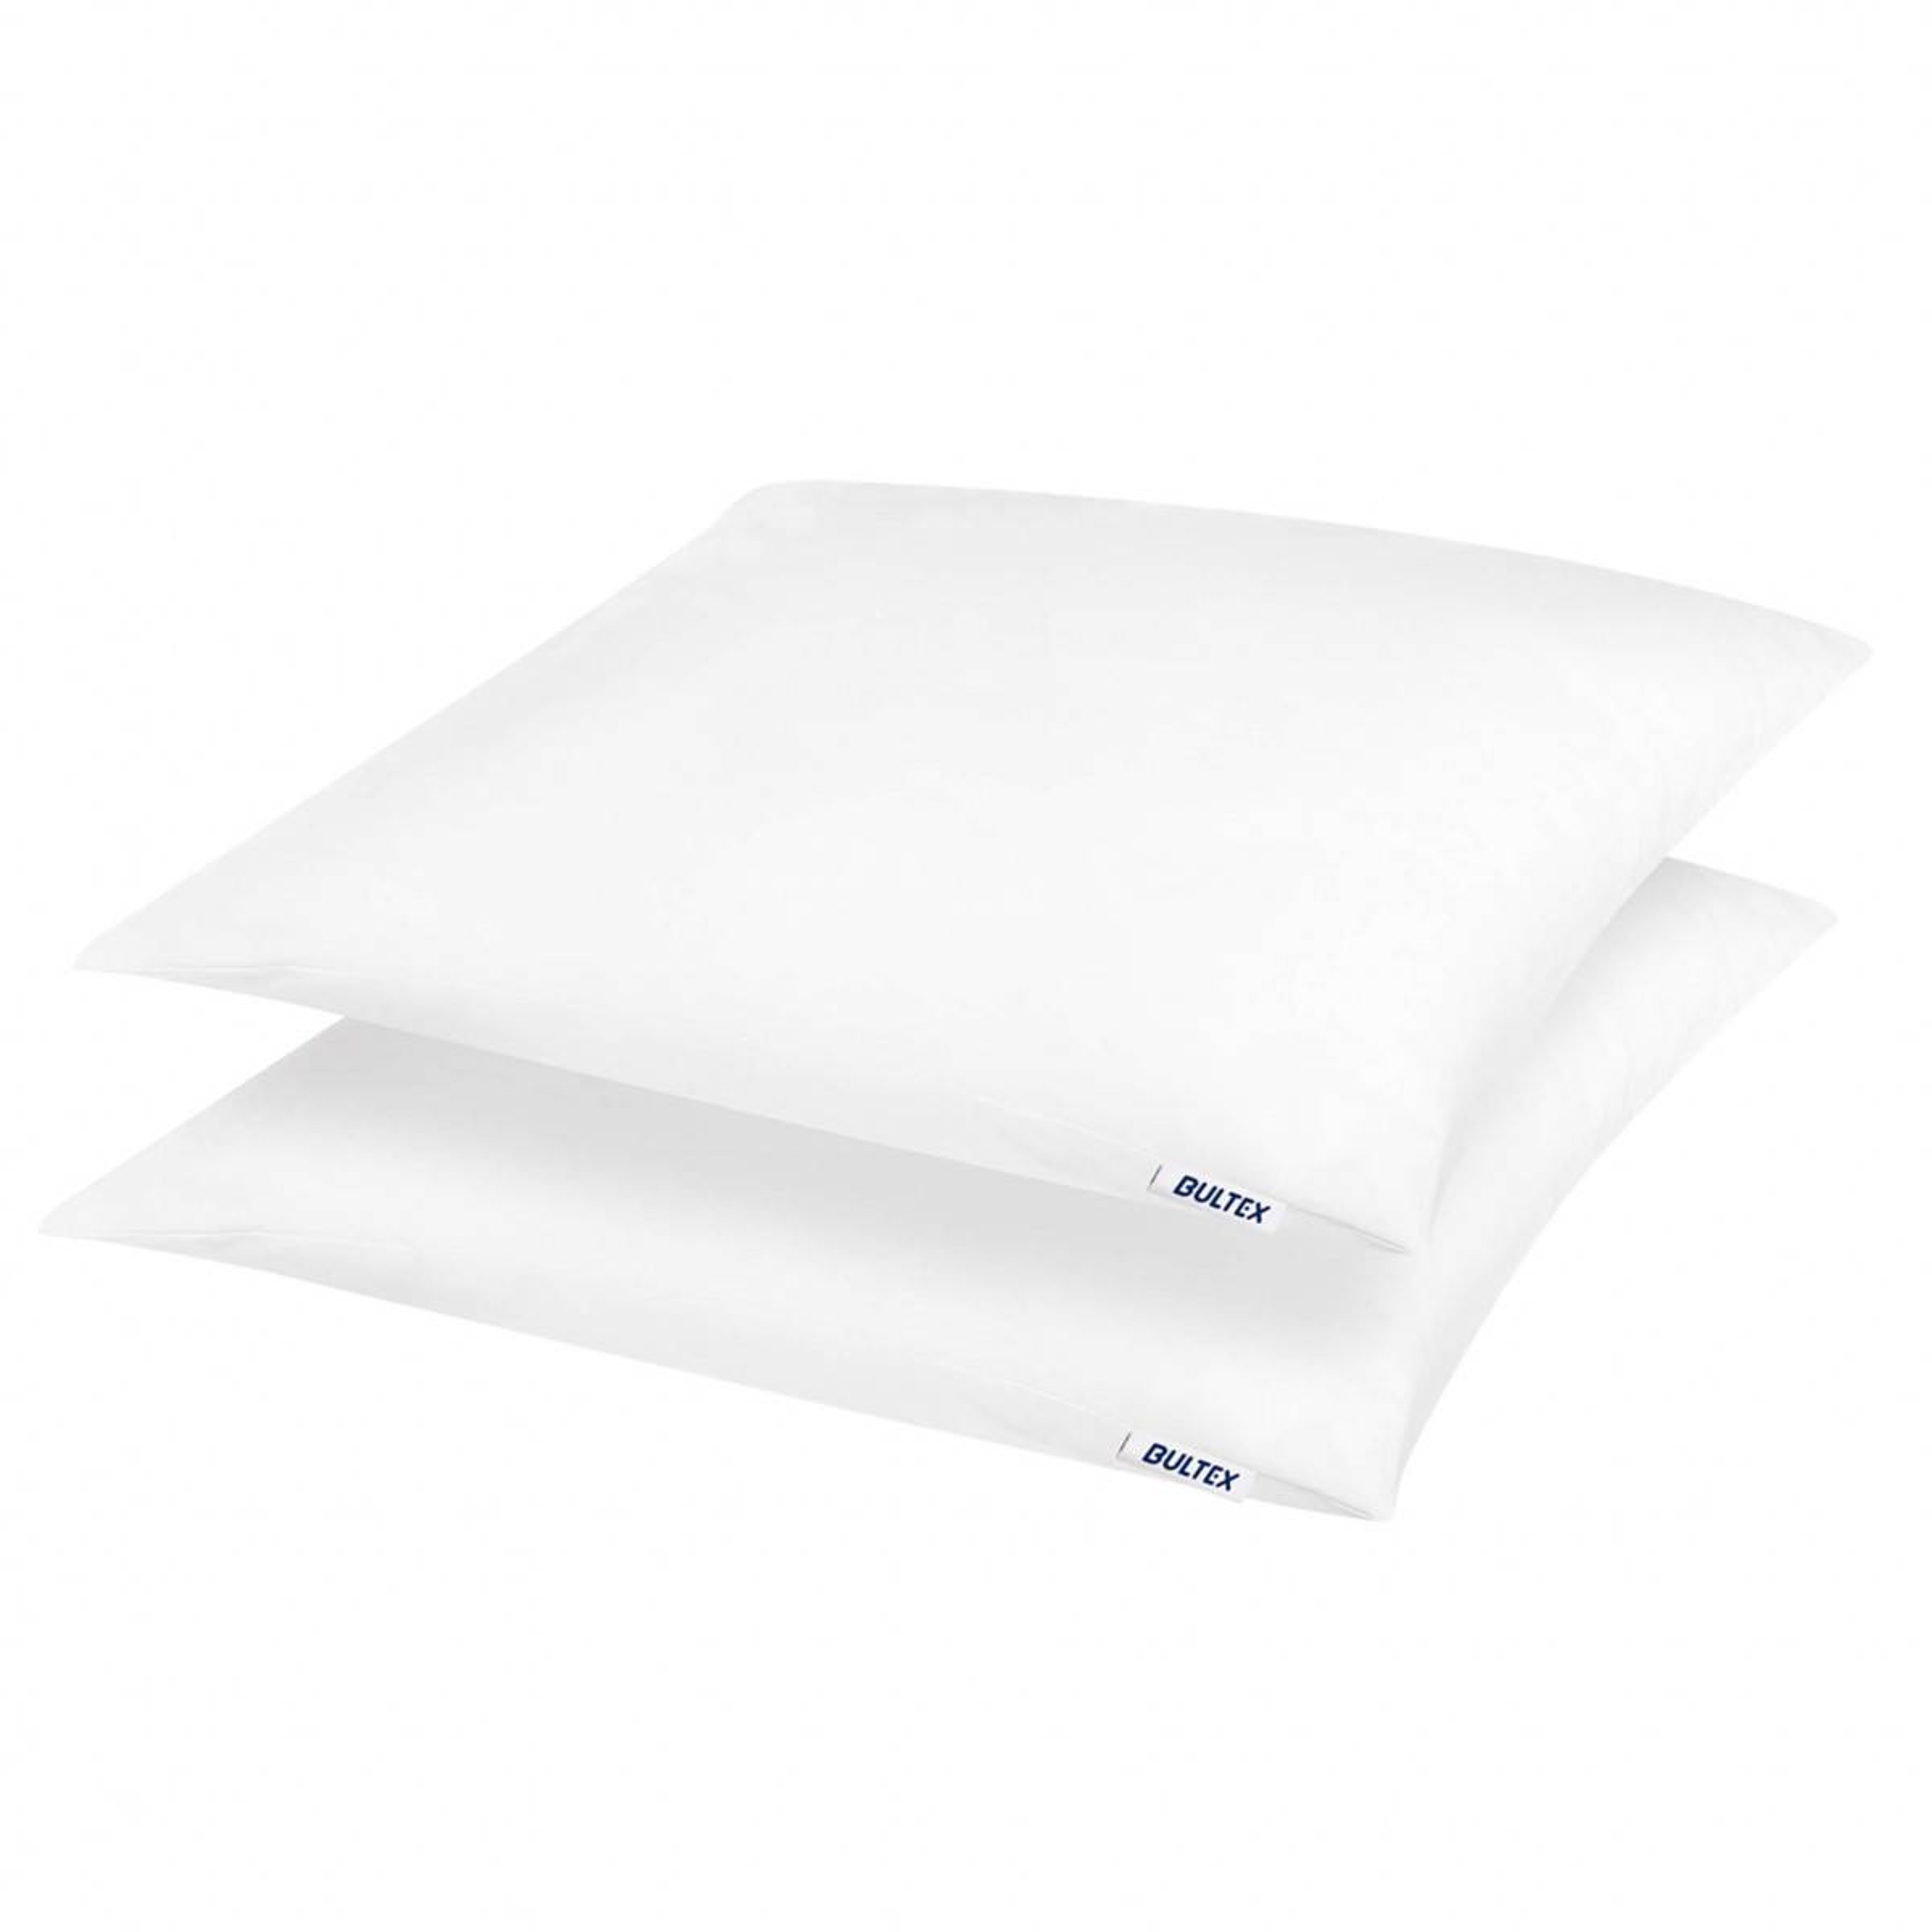 Bultex Lot de 2 oreillers moelleux en polyester 60x60